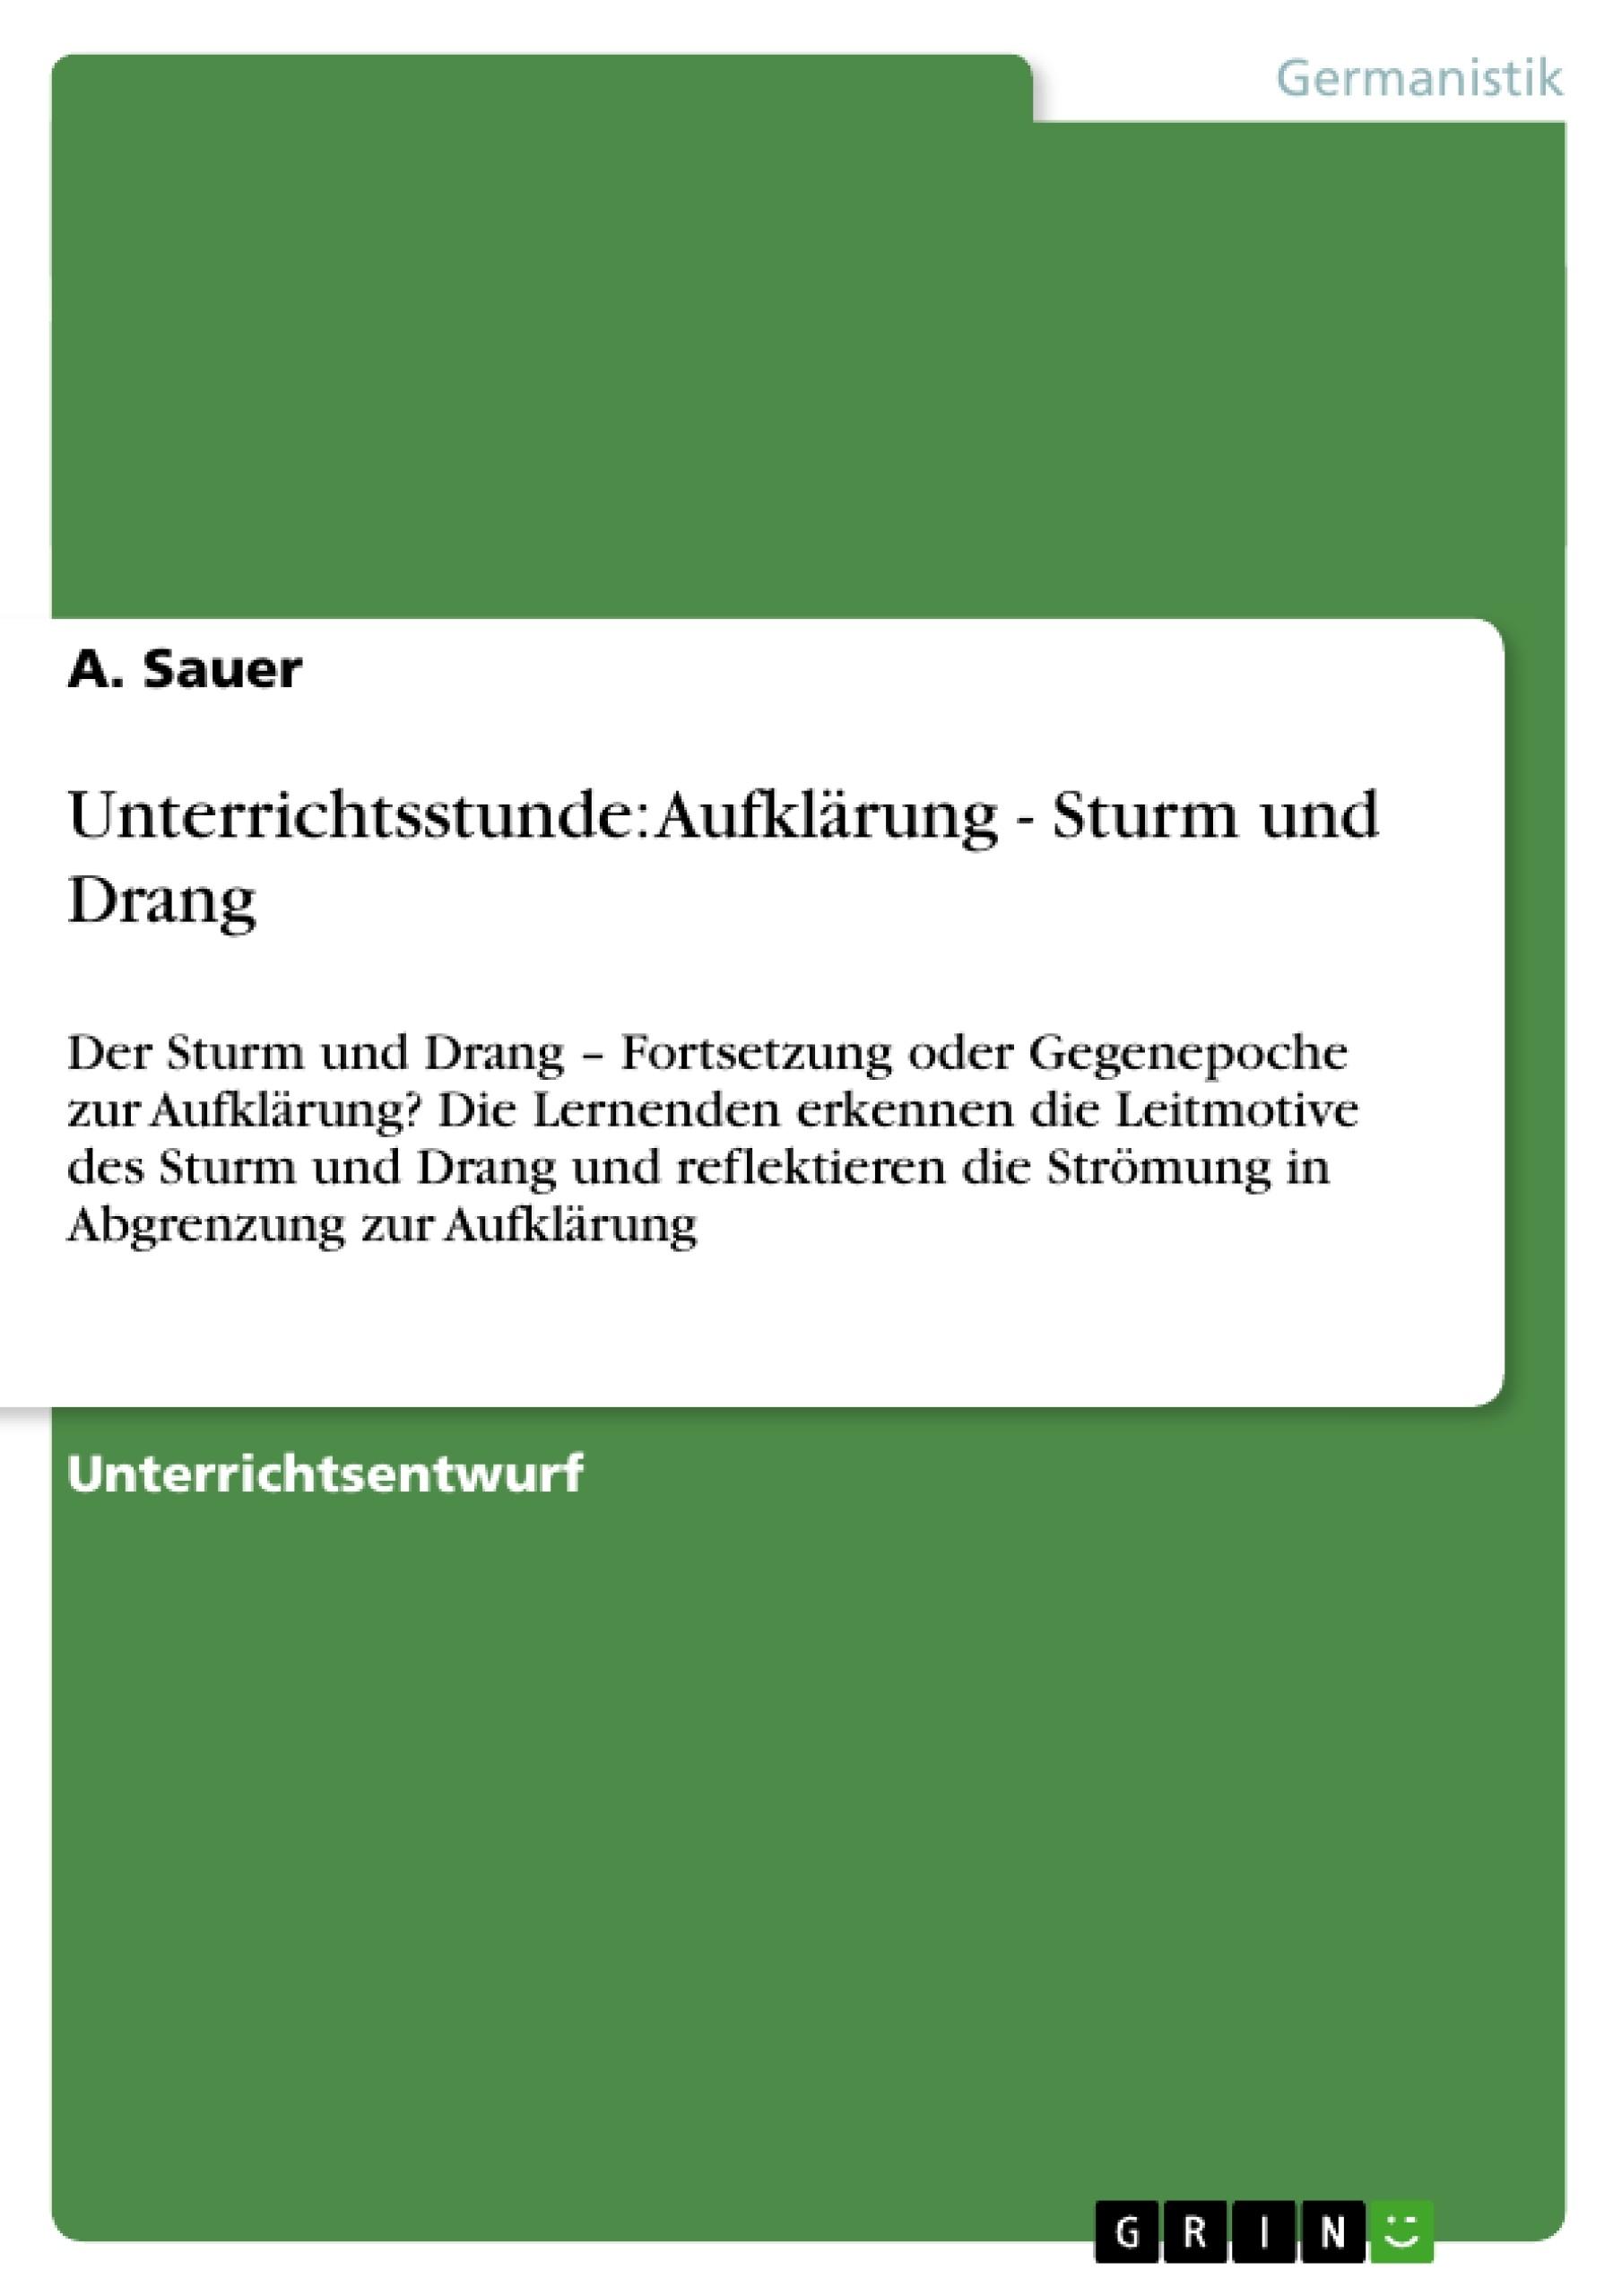 Titel: Unterrichtsstunde: Aufklärung - Sturm und Drang